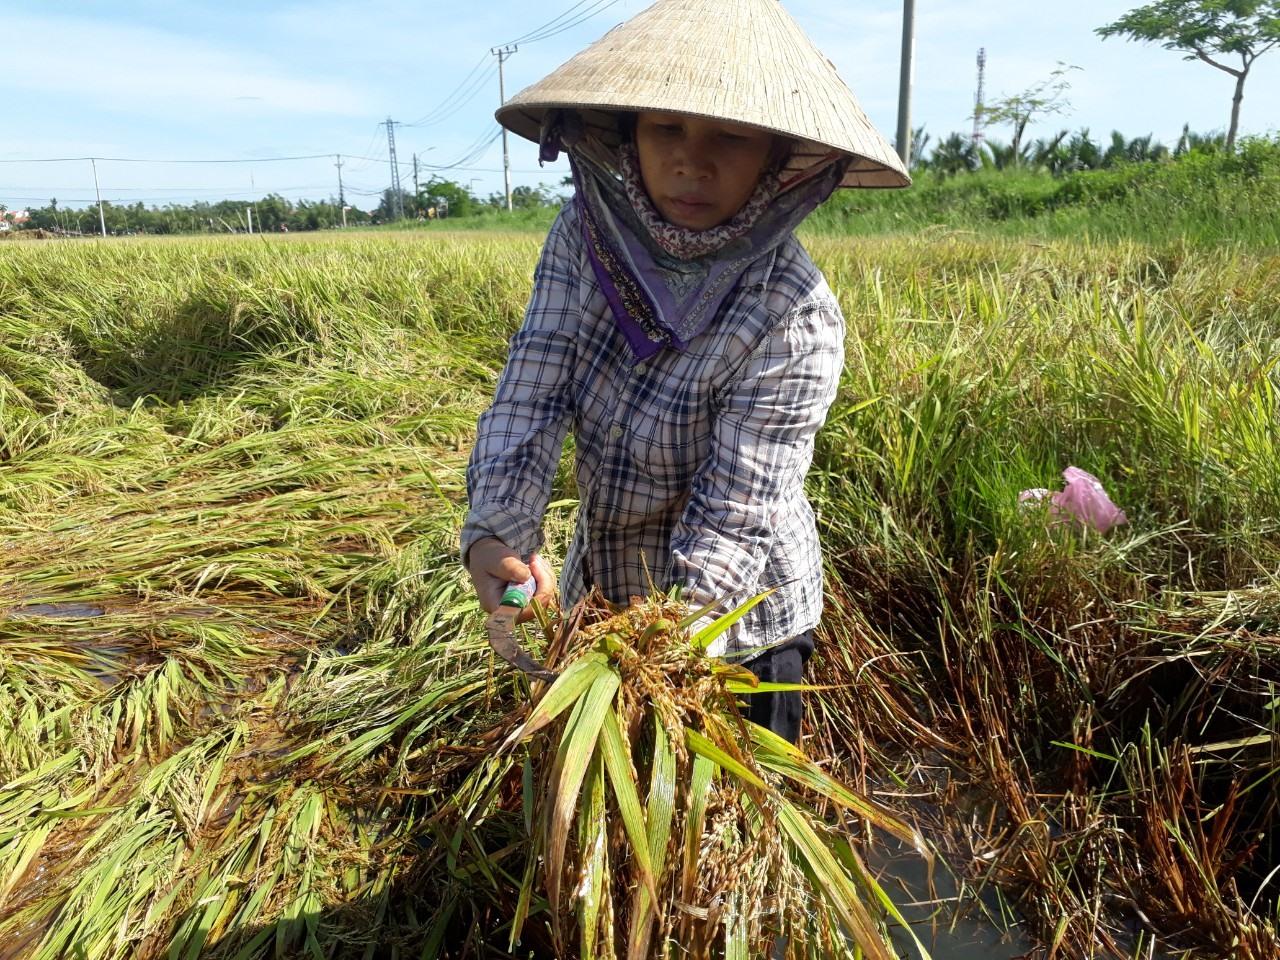 Bà Lê Thị Quy (thôn Võng Nhi, xã Cẩm Thanh) đang thu hoạch lúa tại cánh đồng Mẫu cho biết, lúa bị ngã ngã trước bão số 5 và ngâm nước hơn 20 ngày qua, bắt đầu lên mầm nên chỉ gặt về cho gia cầm ăn hoặc xoay bột nuôi gia súc.